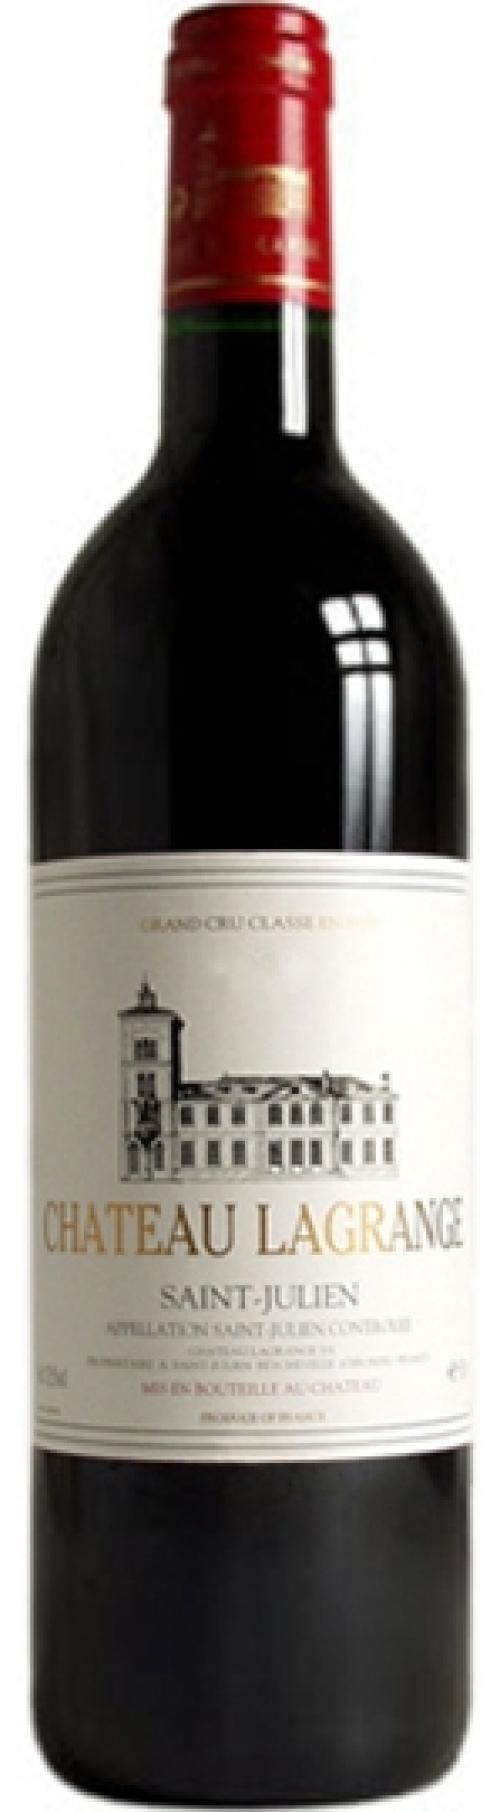 Rượu vang Château Lagrange 2013